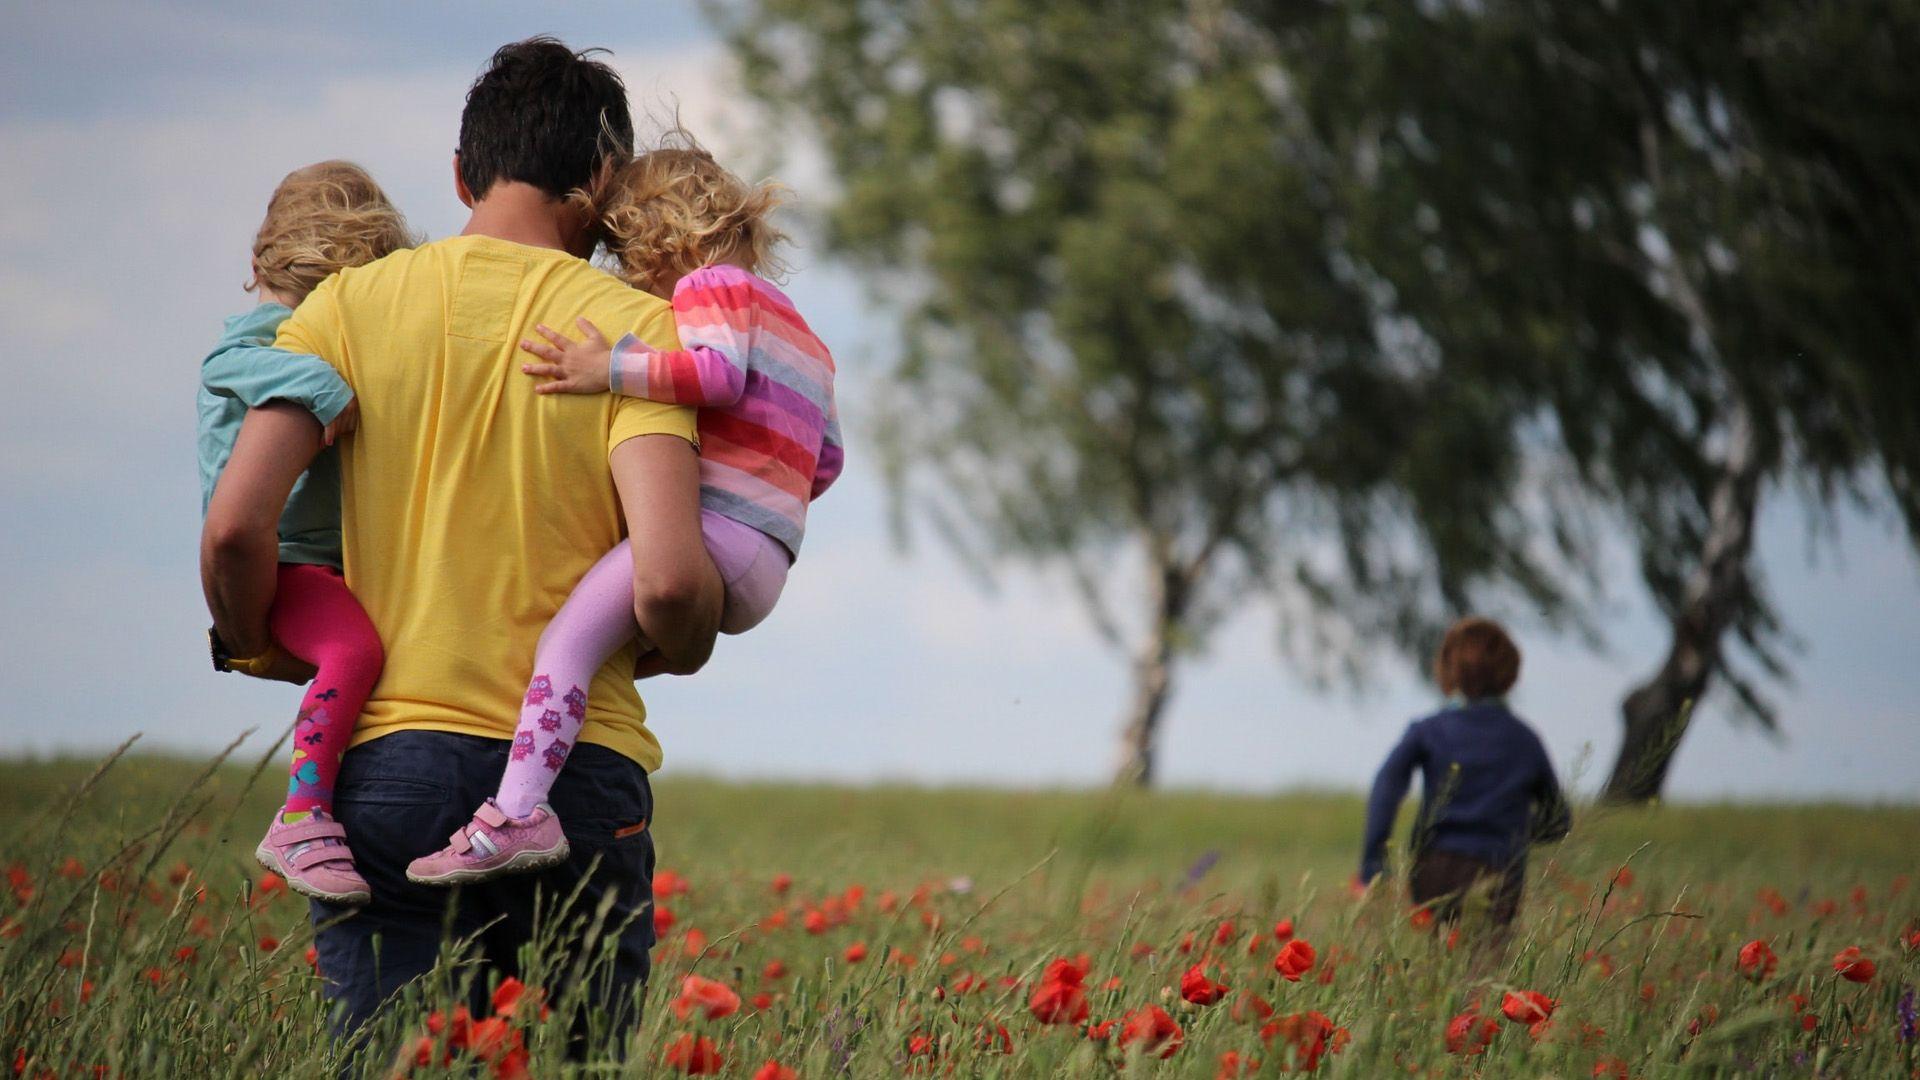 Szabolcs egyedül lett nevelőszülő